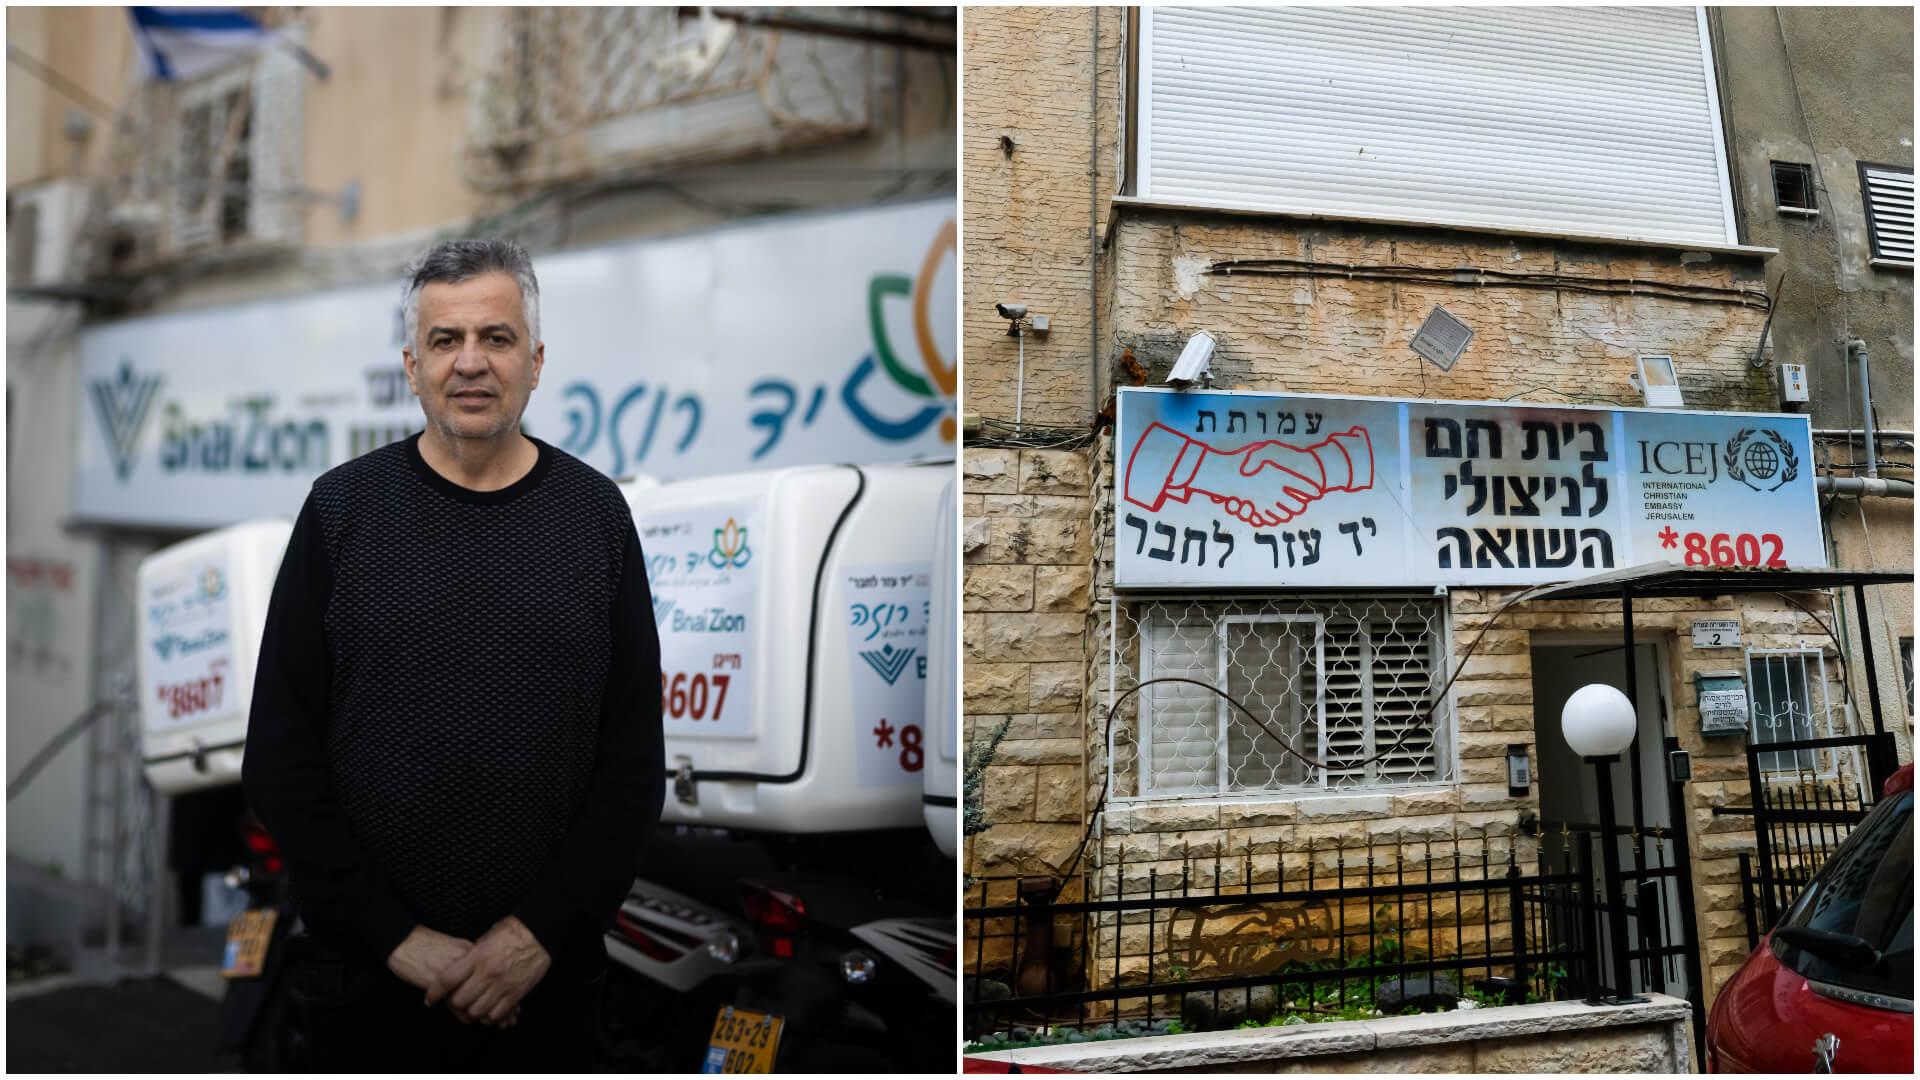 שמעון סבג (צילום: קורינה קרן) ובית של יד עזר לחבר ברח' קסל בחיפה (צילום: שלומי יוסף)